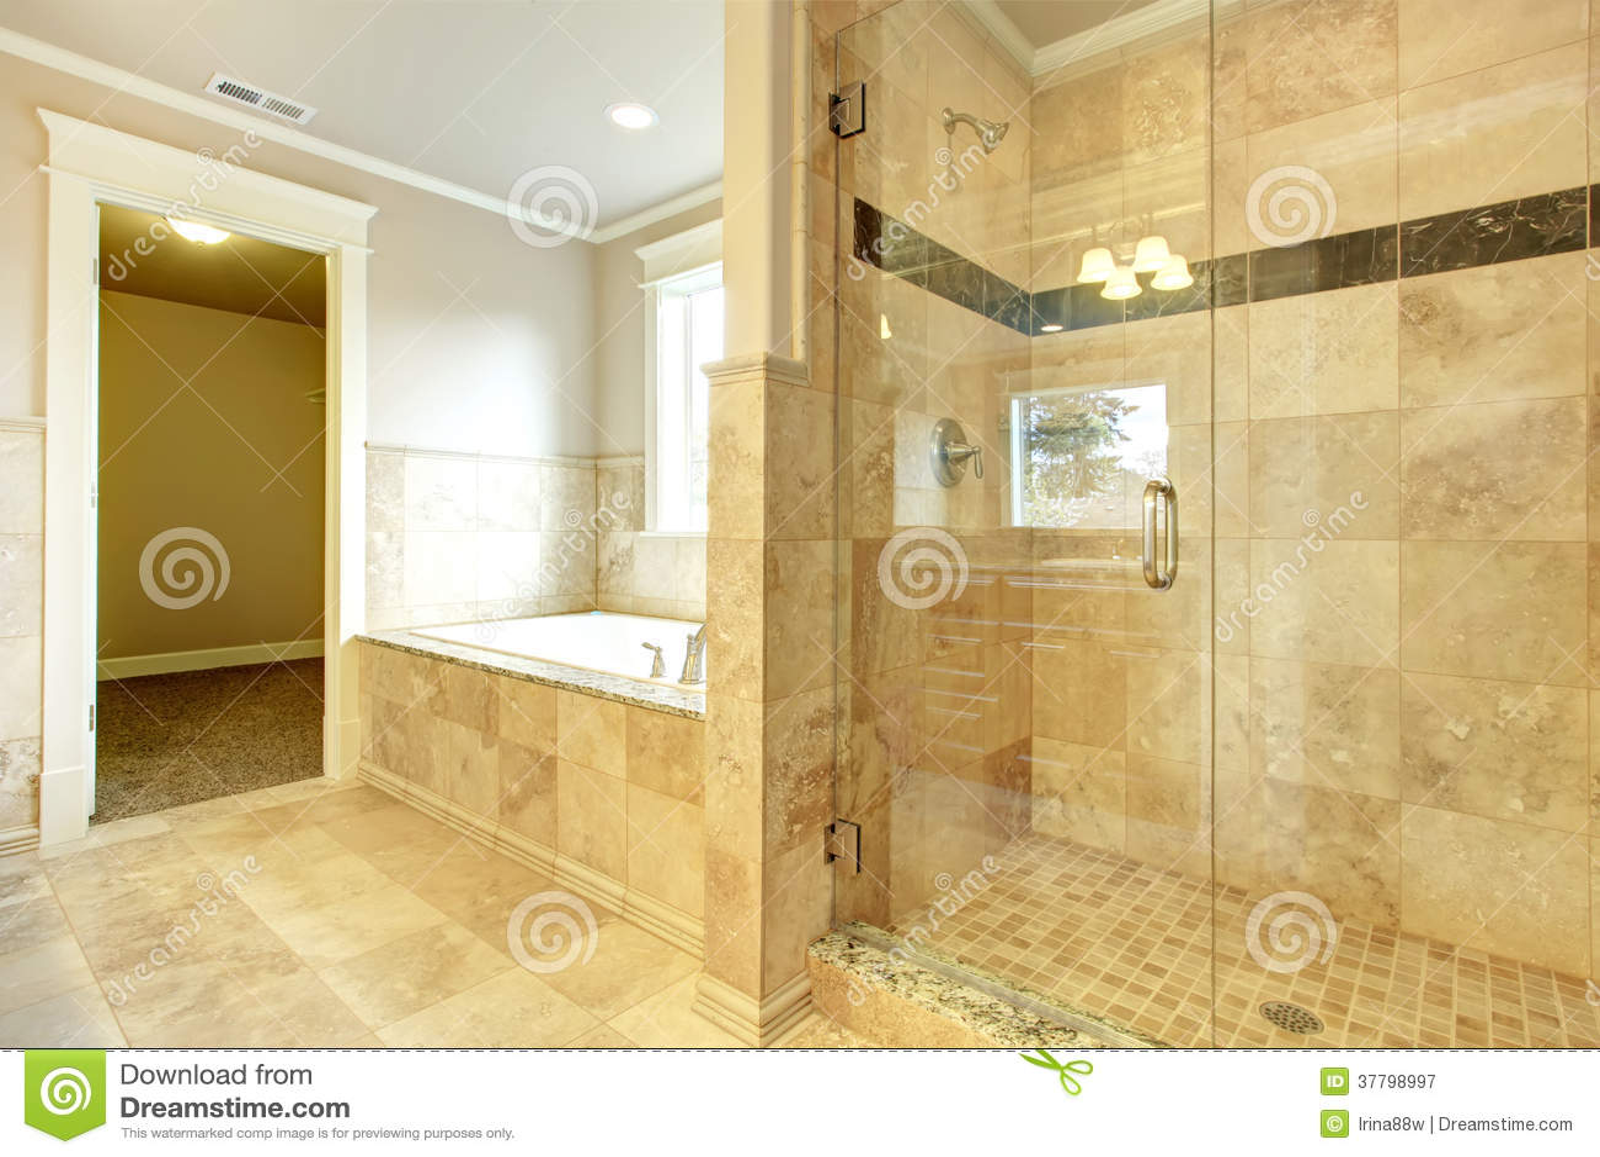 Cuarto de ba o acogedor con la ducha de la puerta de la for Banos con tina y ducha